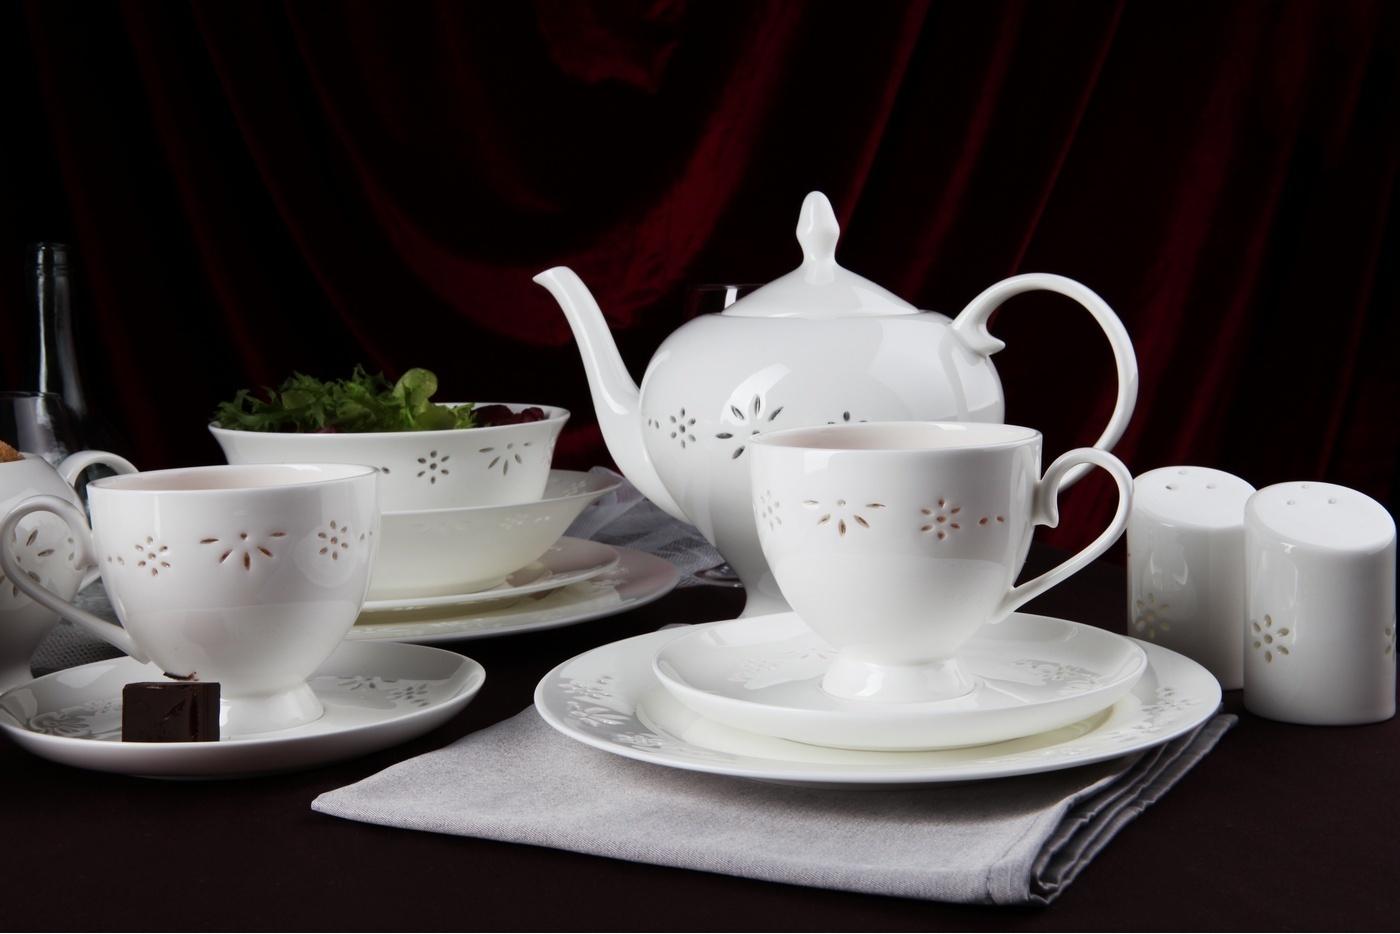 Чайный сервиз Royal Aurel Севилья арт.139, 15 предметовЧайные сервизы<br>Чайныйсервиз Royal Aurel Севилья арт.139, 15предметов<br><br><br><br><br><br><br><br><br><br><br><br>Чашка 270 мл,6 шт.<br>Блюдце 15 см,6 шт.<br>Чайник 1100 мл<br>Сахарница 370 мл<br><br><br><br><br><br><br><br><br>Молочник 300 мл<br><br><br><br><br><br><br><br><br>Производить посуду из фарфора начали в Китае на стыке 6-7 веков. Неустанно совершенствуя и селективно отбирая сырье для производства посуды из фарфора, мастерам удалось добиться выдающихся характеристик фарфора: белизны и тонкостенности. В XV веке появился особый интерес к китайской фарфоровой посуде, так как в это время Европе возникла мода на самобытные китайские вещи. Роскошный китайский фарфор являлся изыском и был в новинку, поэтому он выступал в качестве подарка королям, а также знатным людям. Такой дорогой подарок был очень престижен и по праву являлся элитной посудой. Как известно из многочисленных исторических документов, в Европе китайские изделия из фарфора ценились практически как золото. <br>Проверка изделий из костяного фарфора на подлинность <br>По сравнению с производством других видов фарфора процесс производства изделий из настоящего костяного фарфора сложен и весьма длителен. Посуда из изящного фарфора - это элитная посуда, которая всегда ассоциируется с богатством, величием и благородством. Несмотря на небольшую толщину, фарфоровая посуда - это очень прочное изделие. Для демонстрации плотности и прочности фарфора можно легко коснуться предметов посуды из фарфора деревянной палочкой, и тогда мы услушим характерный металлический звон. В составе фарфоровой посуды присутствует костяная зола, благодаря чему она может быть намного тоньше (не более 2,5 мм) и легче твердого или мягкого фарфора. Безупречная белизна - ключевой признак отличия такого фарфора от других. Цвет обычного фарфора сероватый или ближе к голубоватому, а костяной фарфор будет всегда будет молочно-белого цвета. Характерная и немаловажная деталь - это н